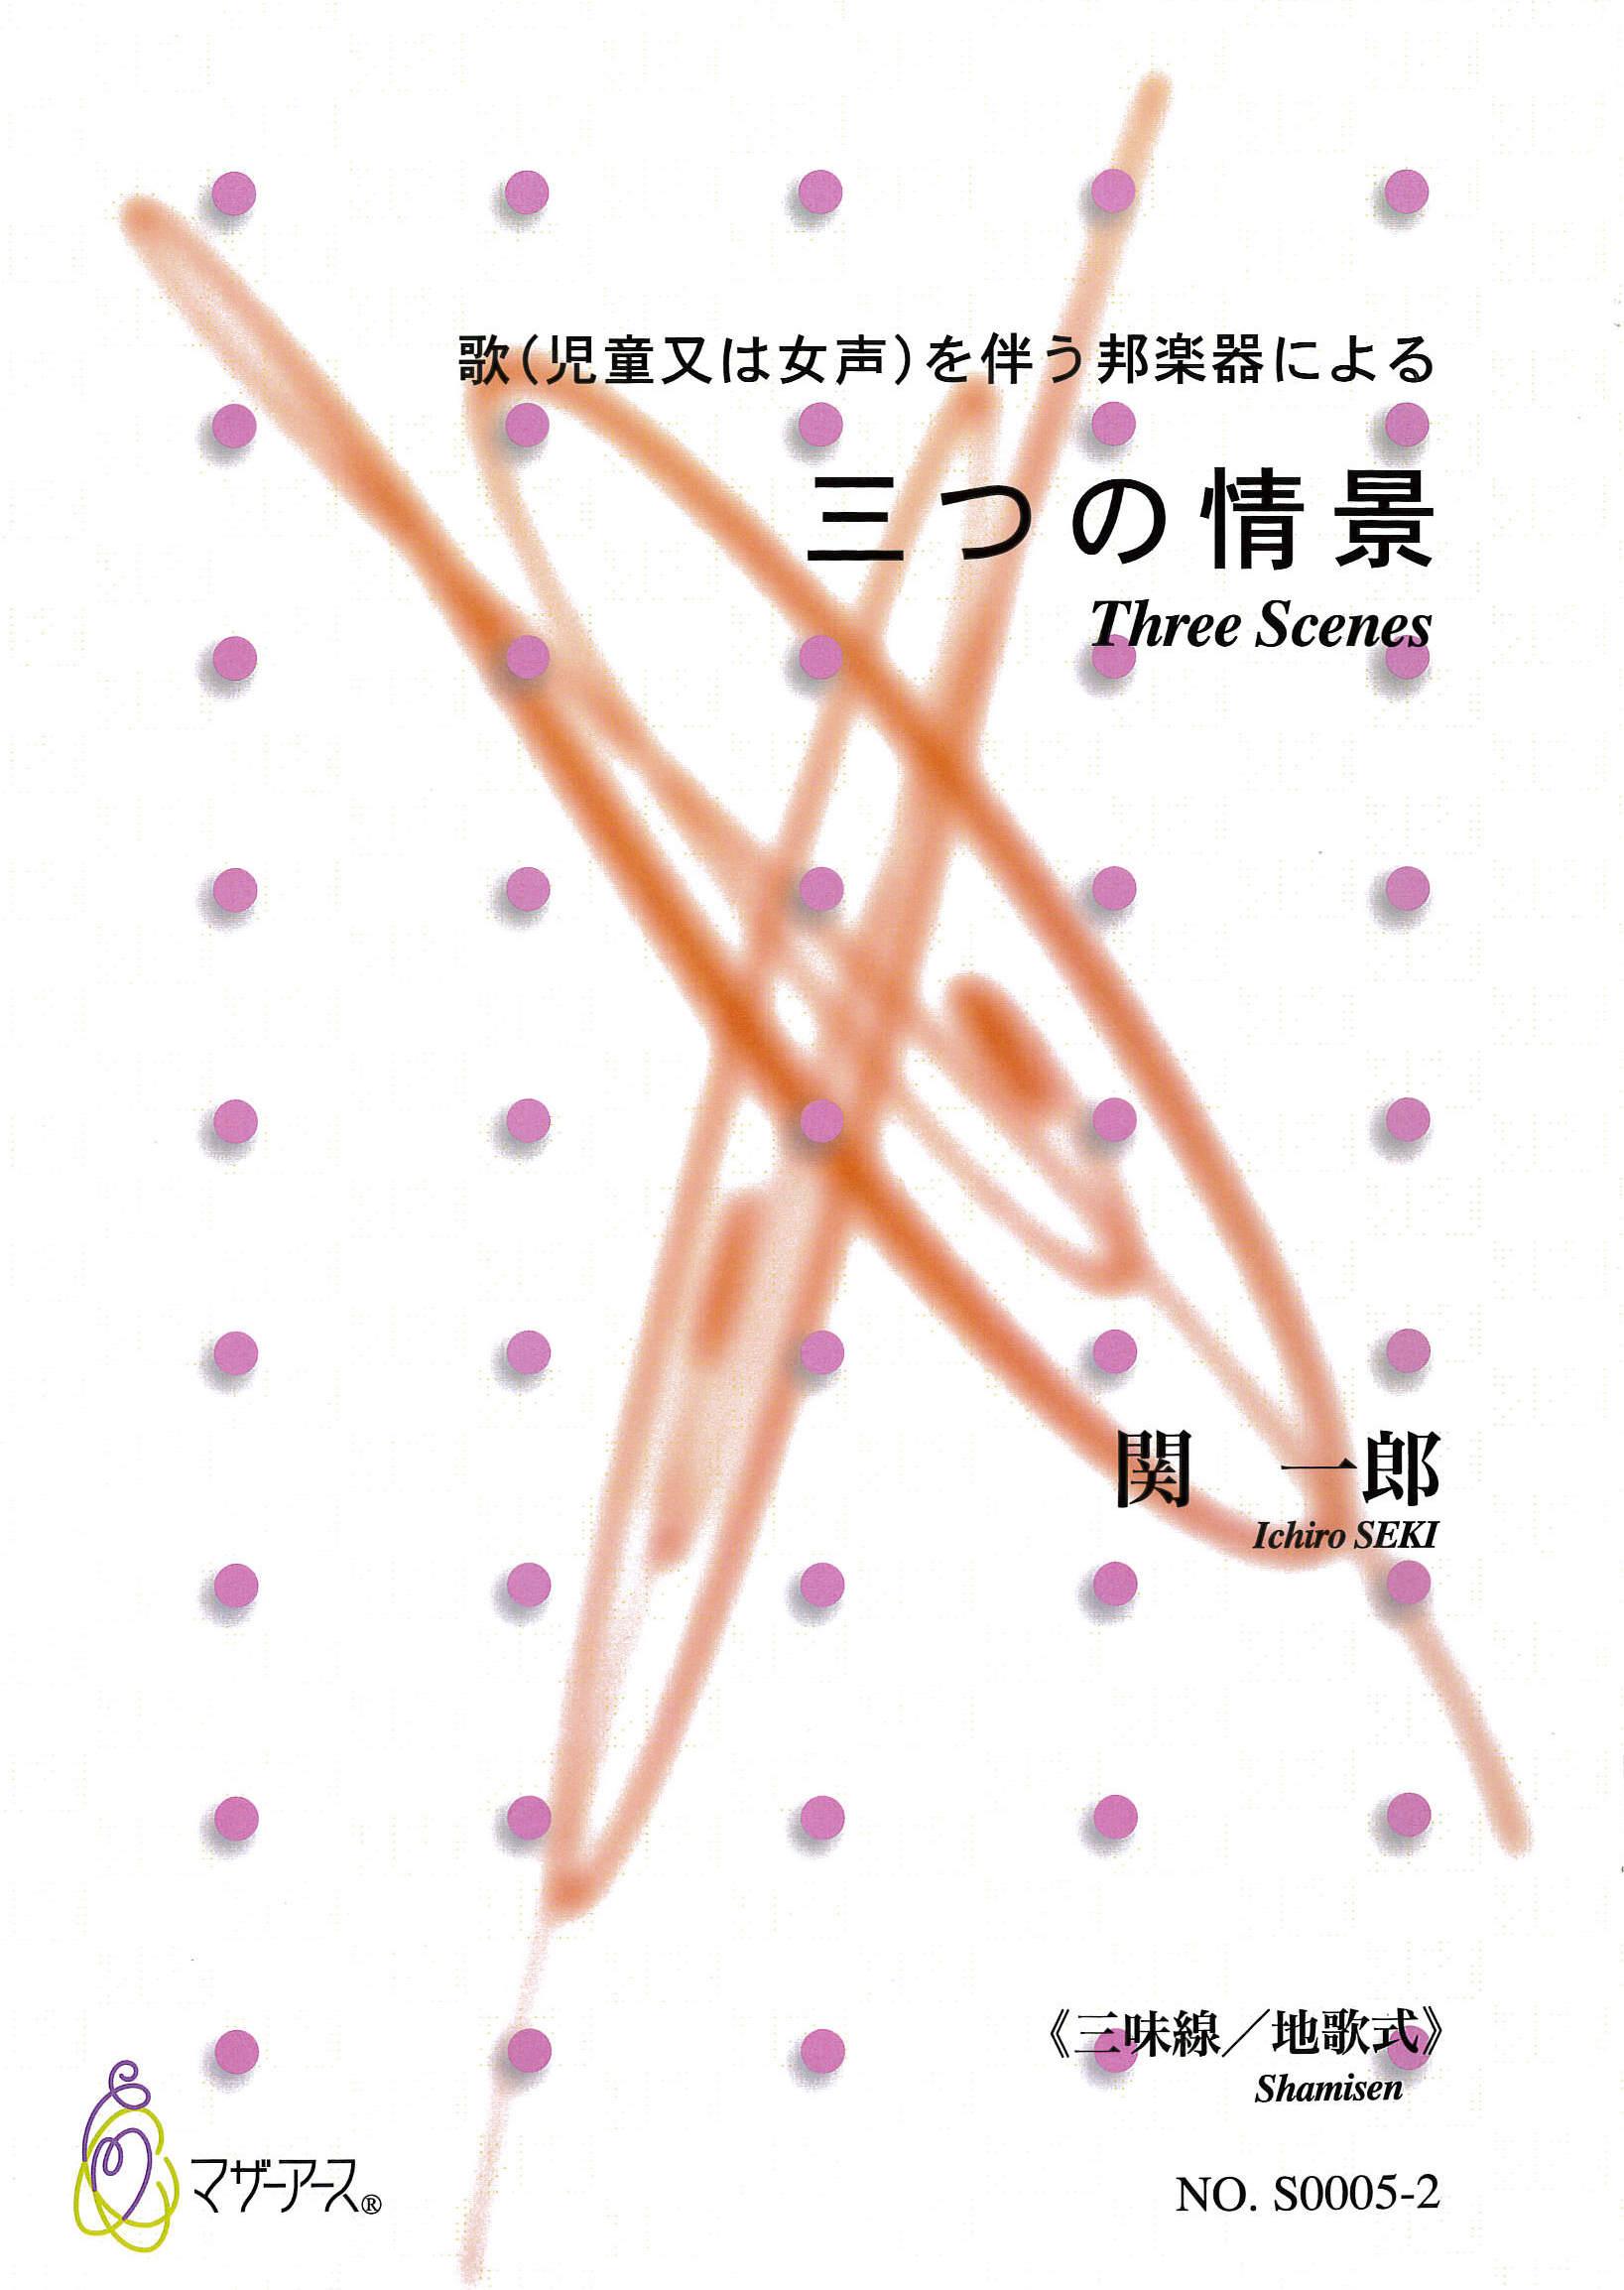 五線譜+三味線地歌式譜 歌を伴う邦楽器による 三つの情景[5652-2]